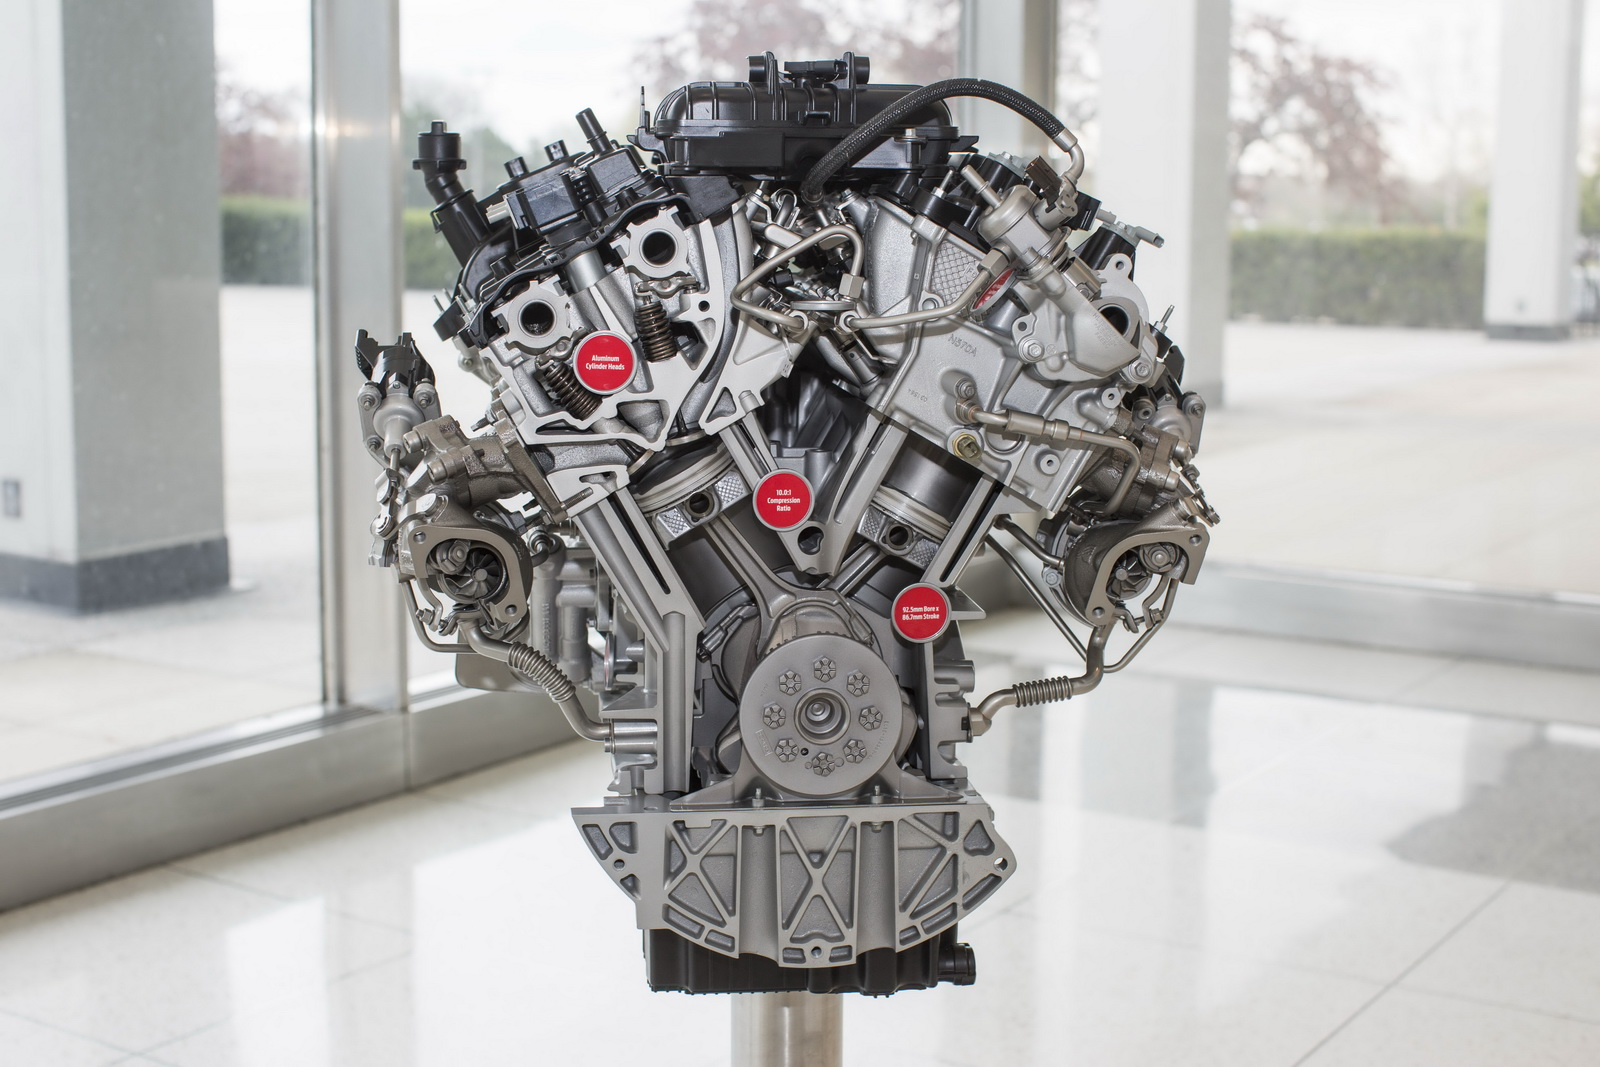 Động cơ nhỏ, nhẹ và bền bỉ, tiết kiệm nhiên liệu rất nhiều